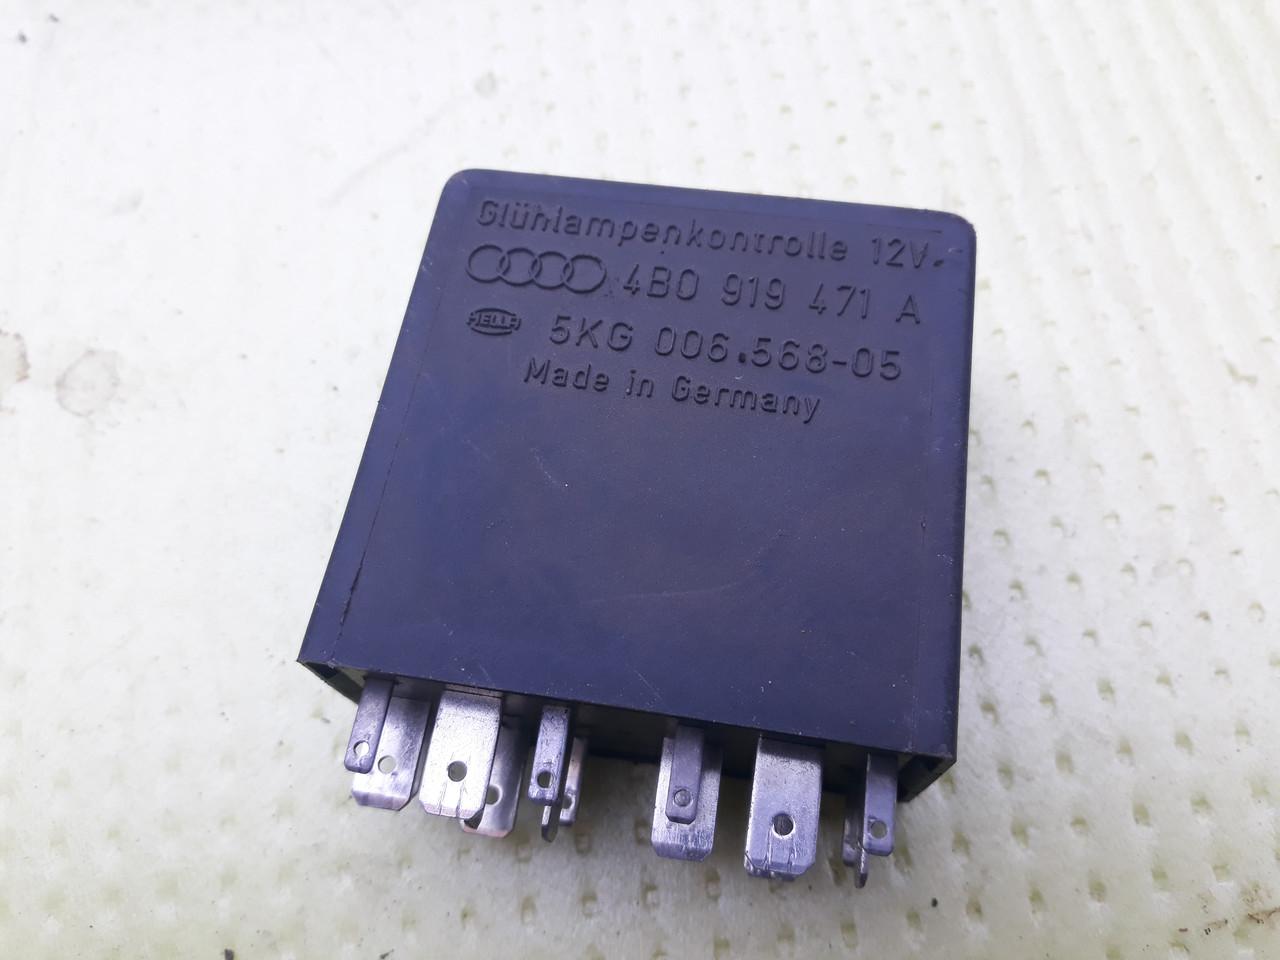 Блок реле 393 управления освещением световыми приборами SKODA Superb  Audi A6 C5 4B0919471A